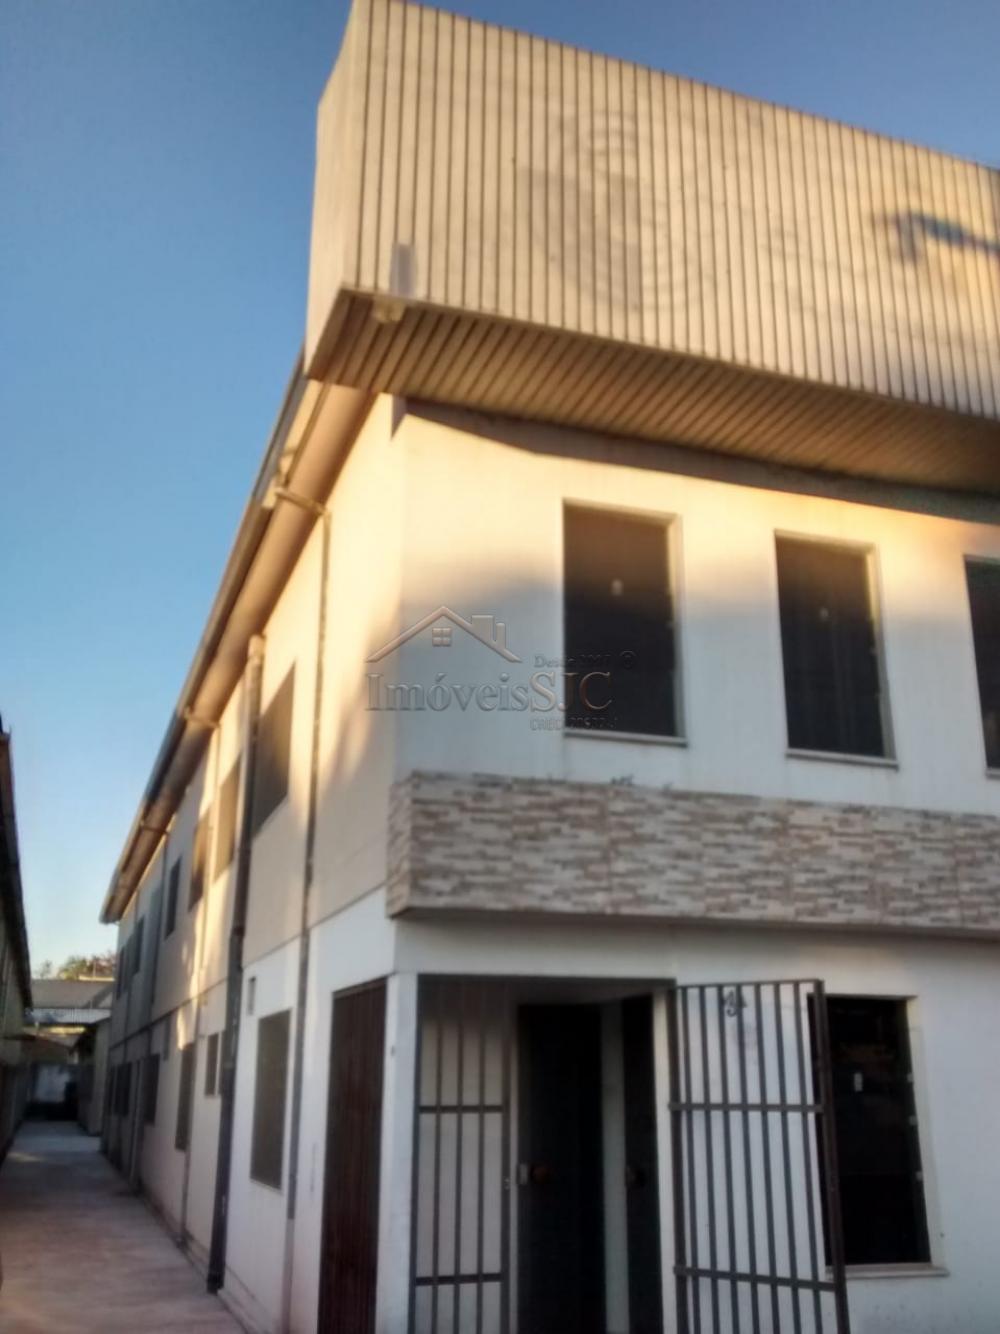 Alugar Comerciais / Prédio Comercial em São José dos Campos apenas R$ 8.000,00 - Foto 2